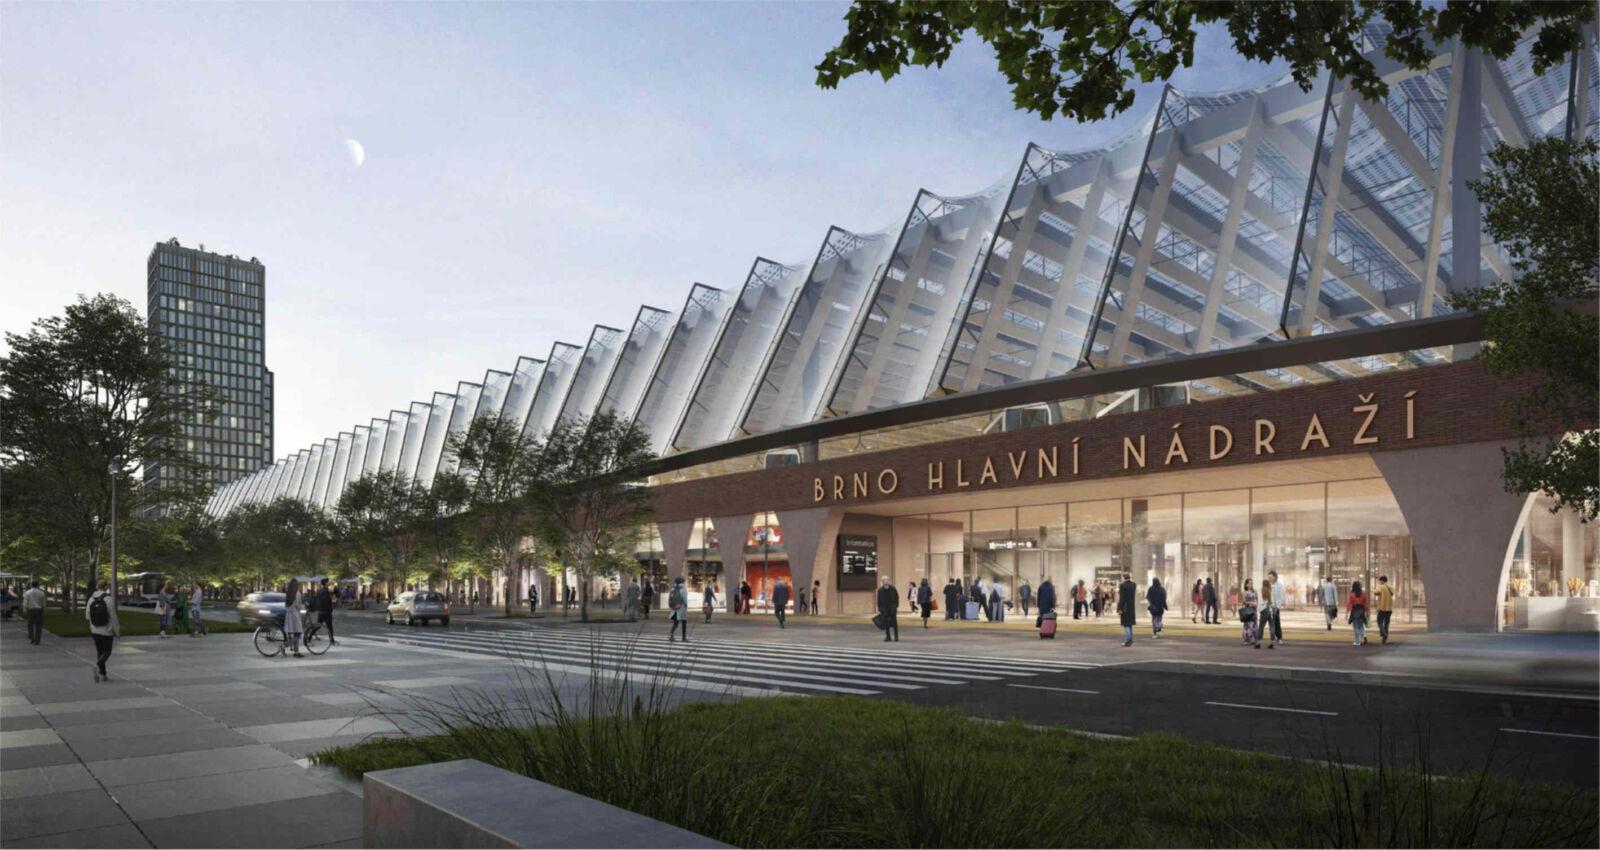 Vítězný návrh nové podoby brněnského hlavního nádraží